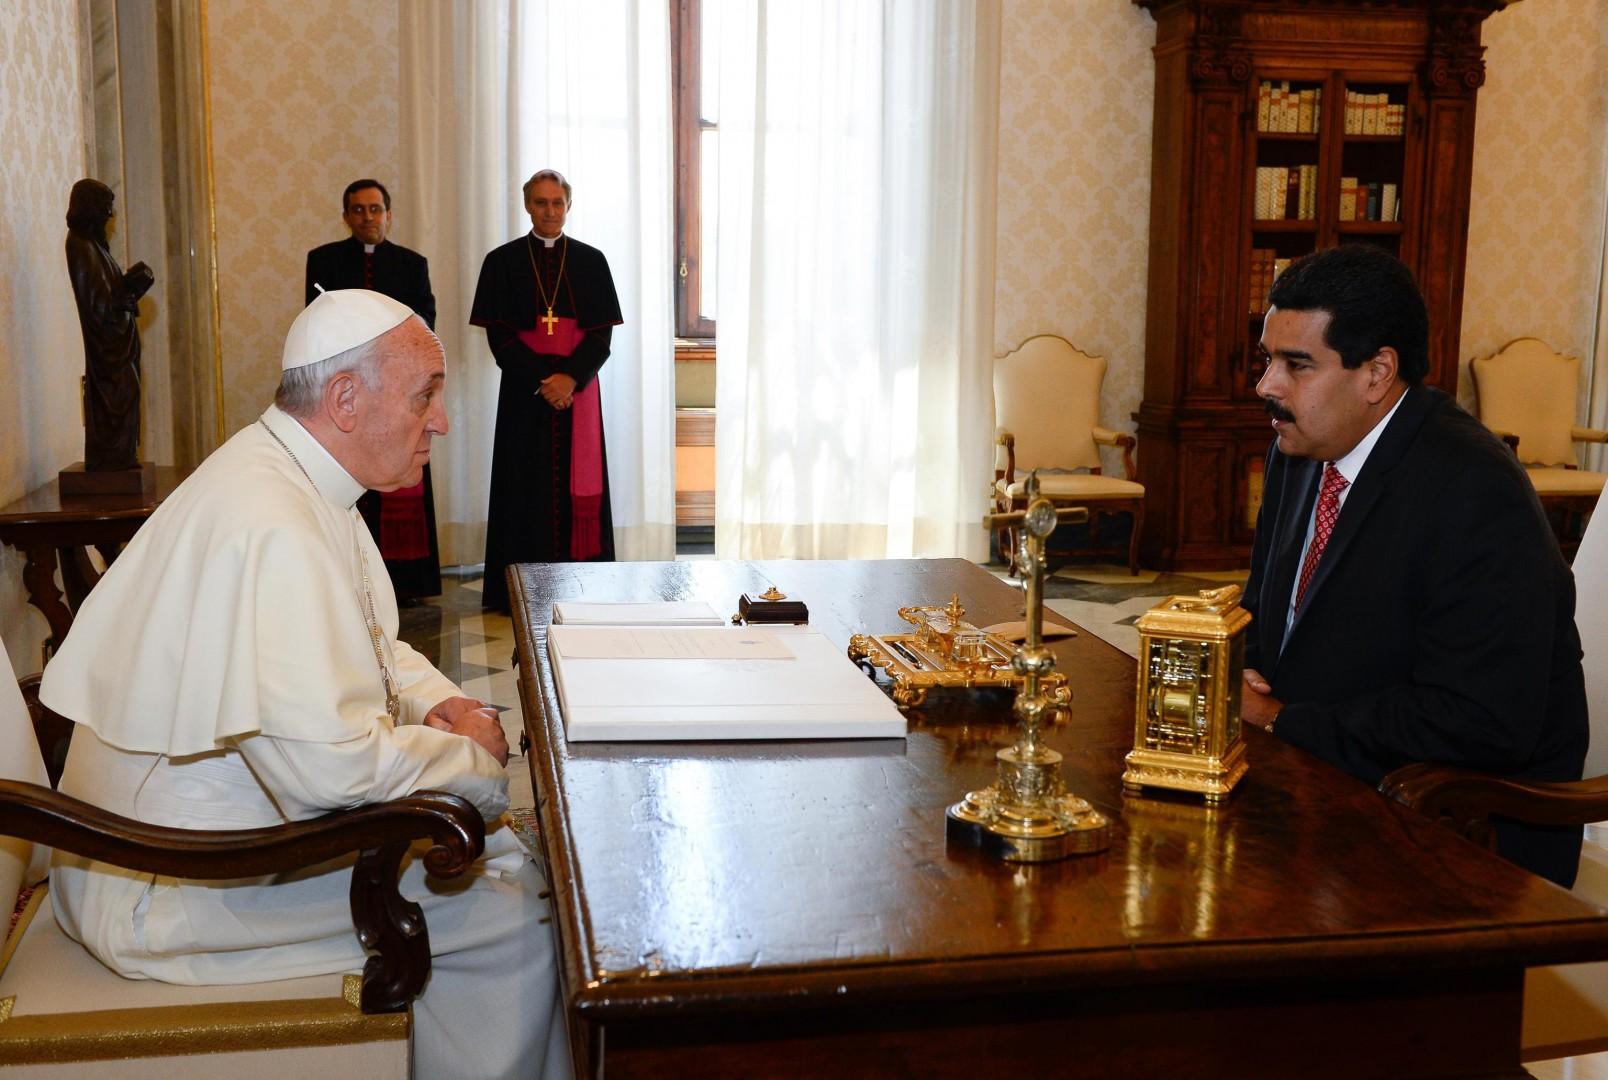 Maduro in papež Frančišek oktobra 2016 (Foto: epa).